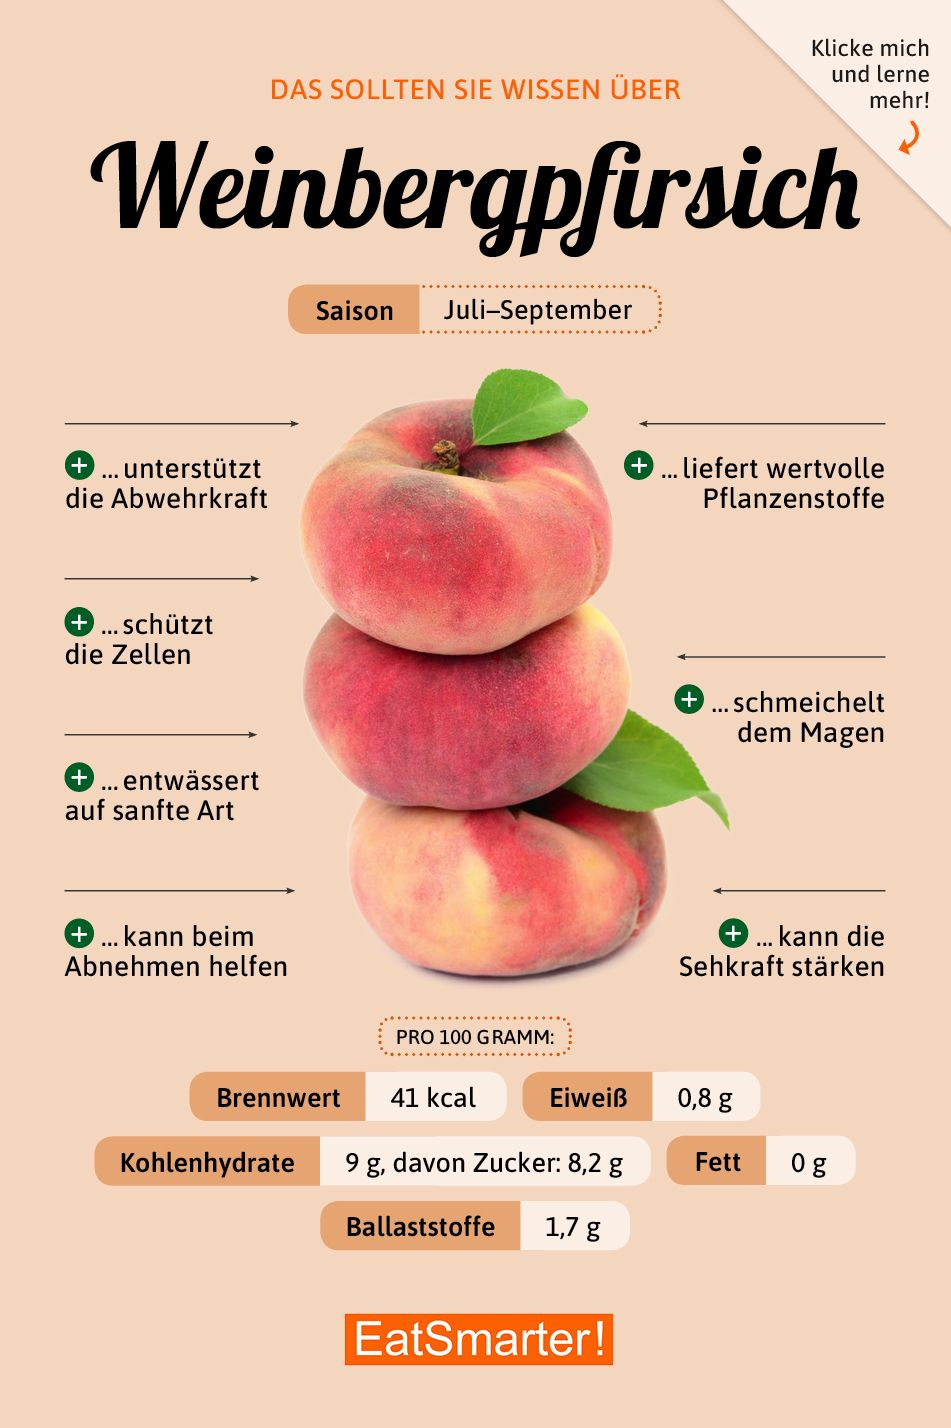 Weinbergpfirsich #nutrition